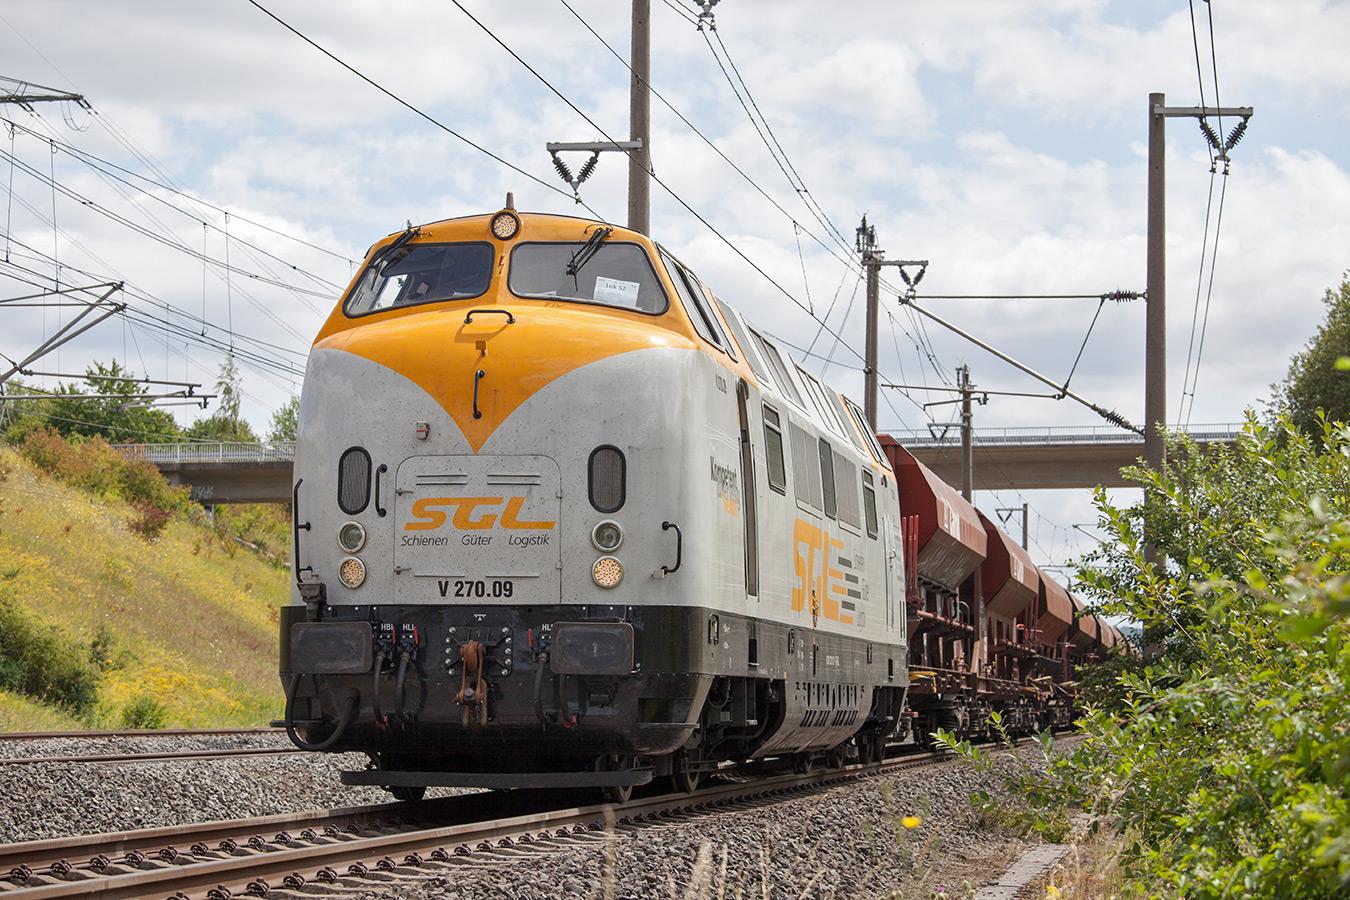 http://www.lammetalbahn.de/extra/dso/20190717-140336-IMG_1706-5D2.jpg